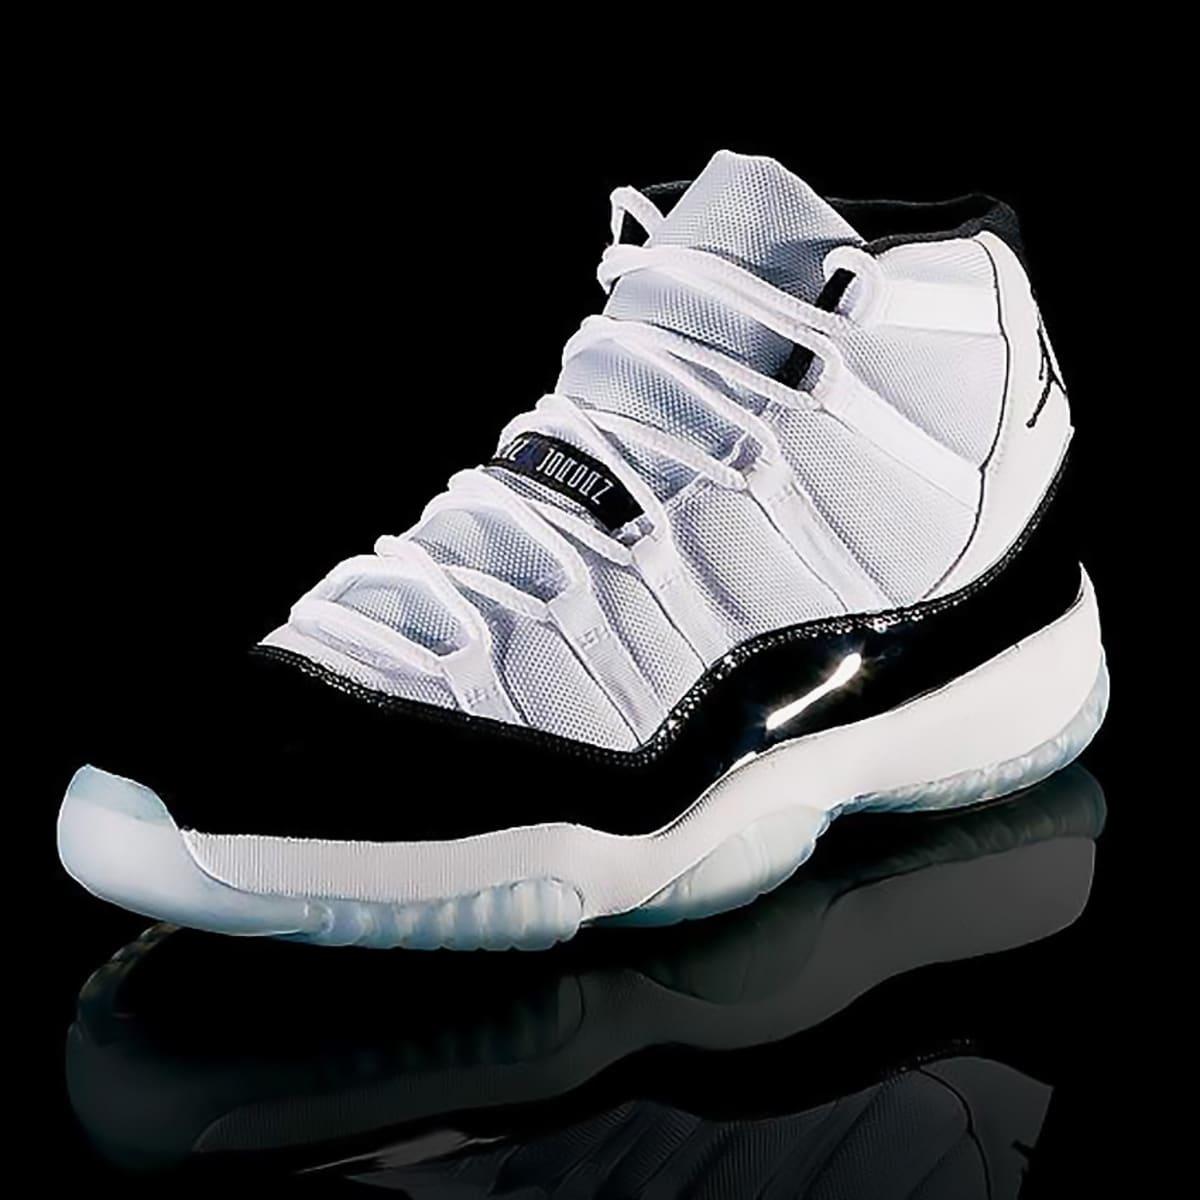 Ranking all 33 Air Jordan sneakers